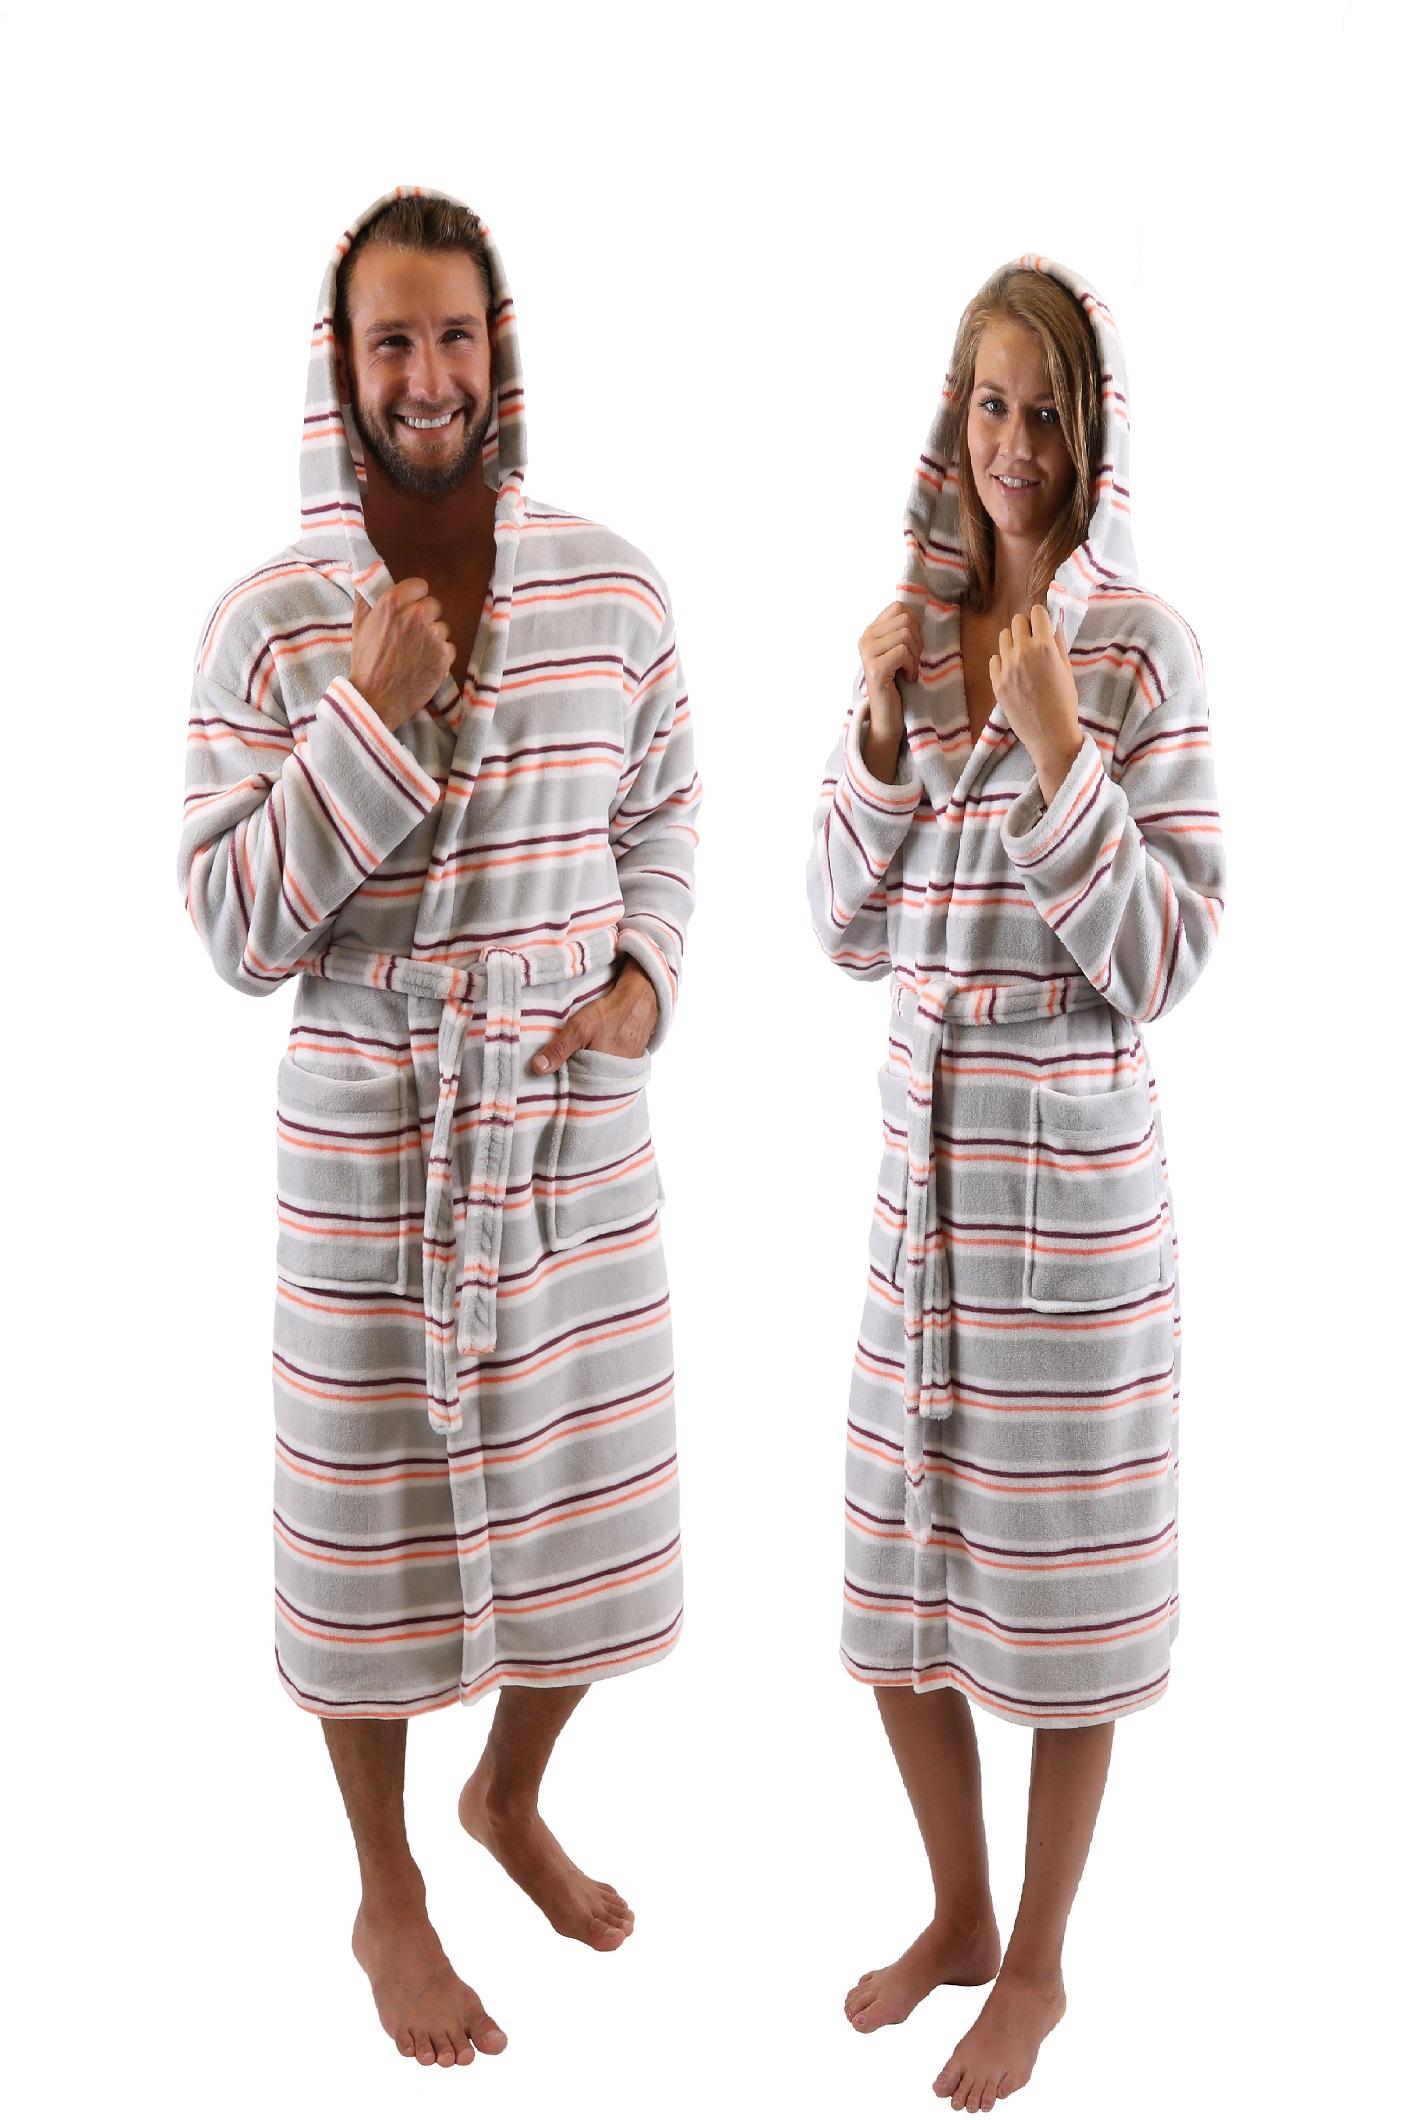 0fade7f696 Betz Peignoir d'intérieur/ Peignoir de bain à capuche pour femme et homme  WIEN Article: 221